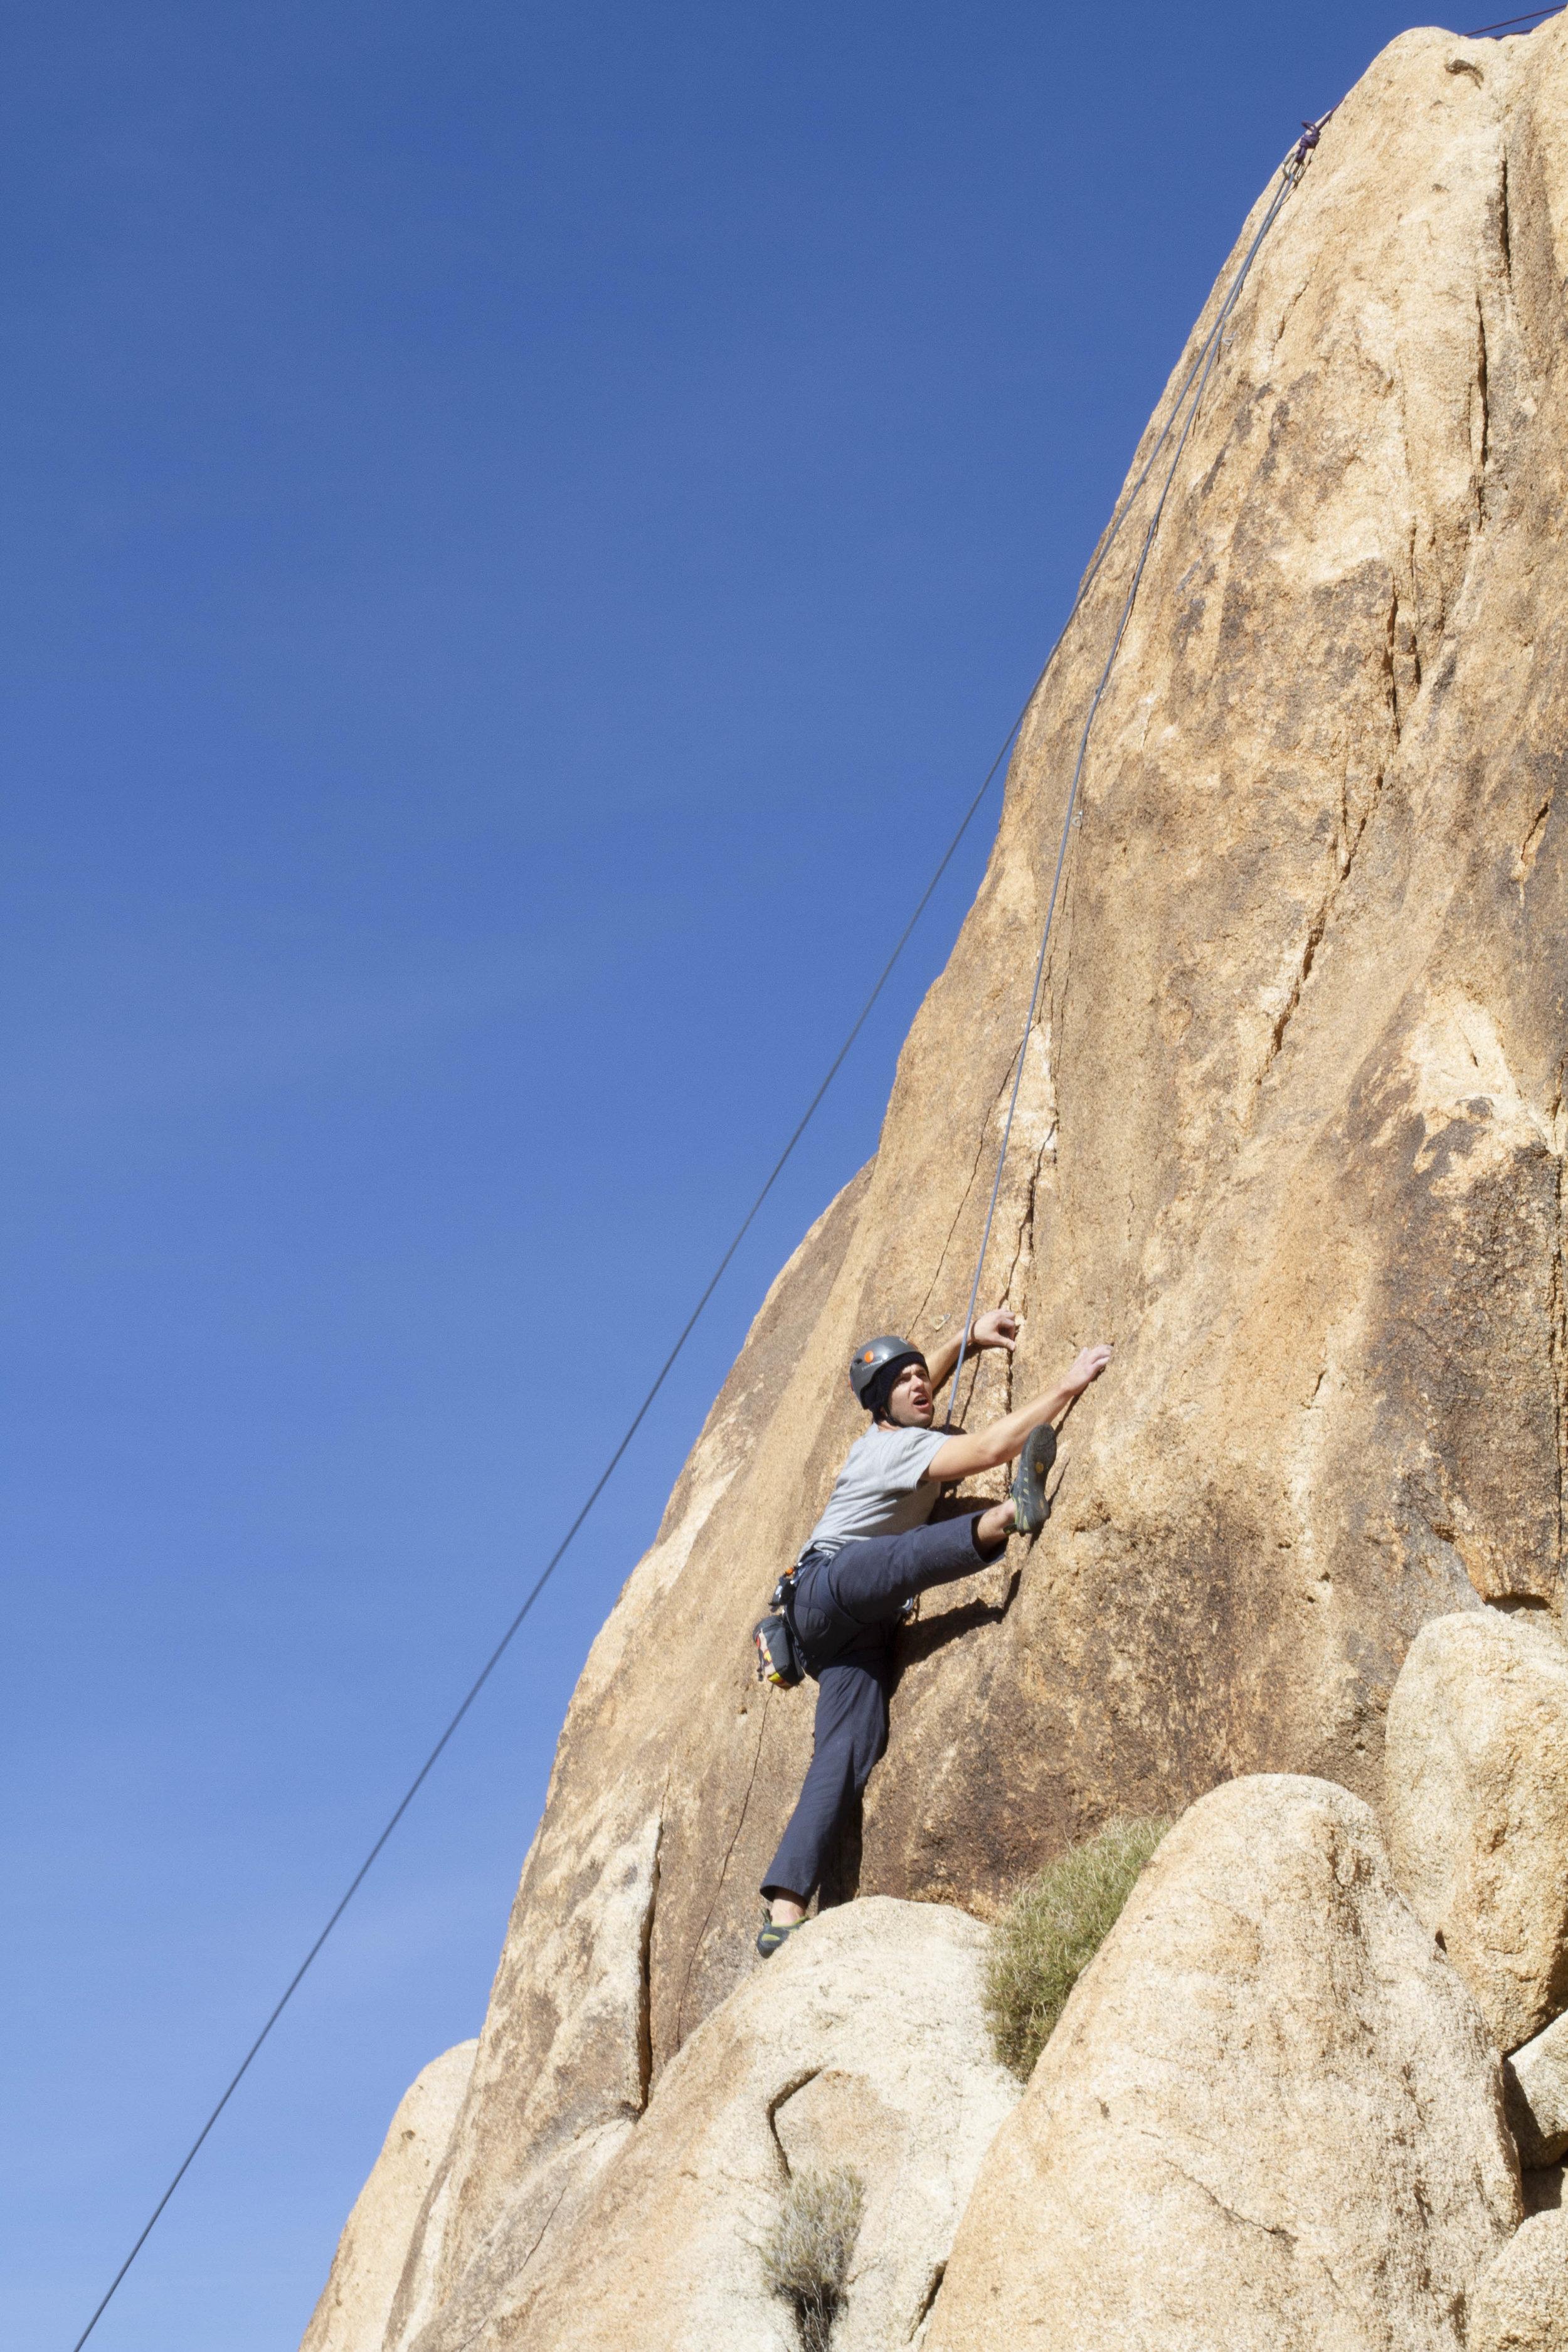 Joshua Tree Rock Climbing Indian Cove